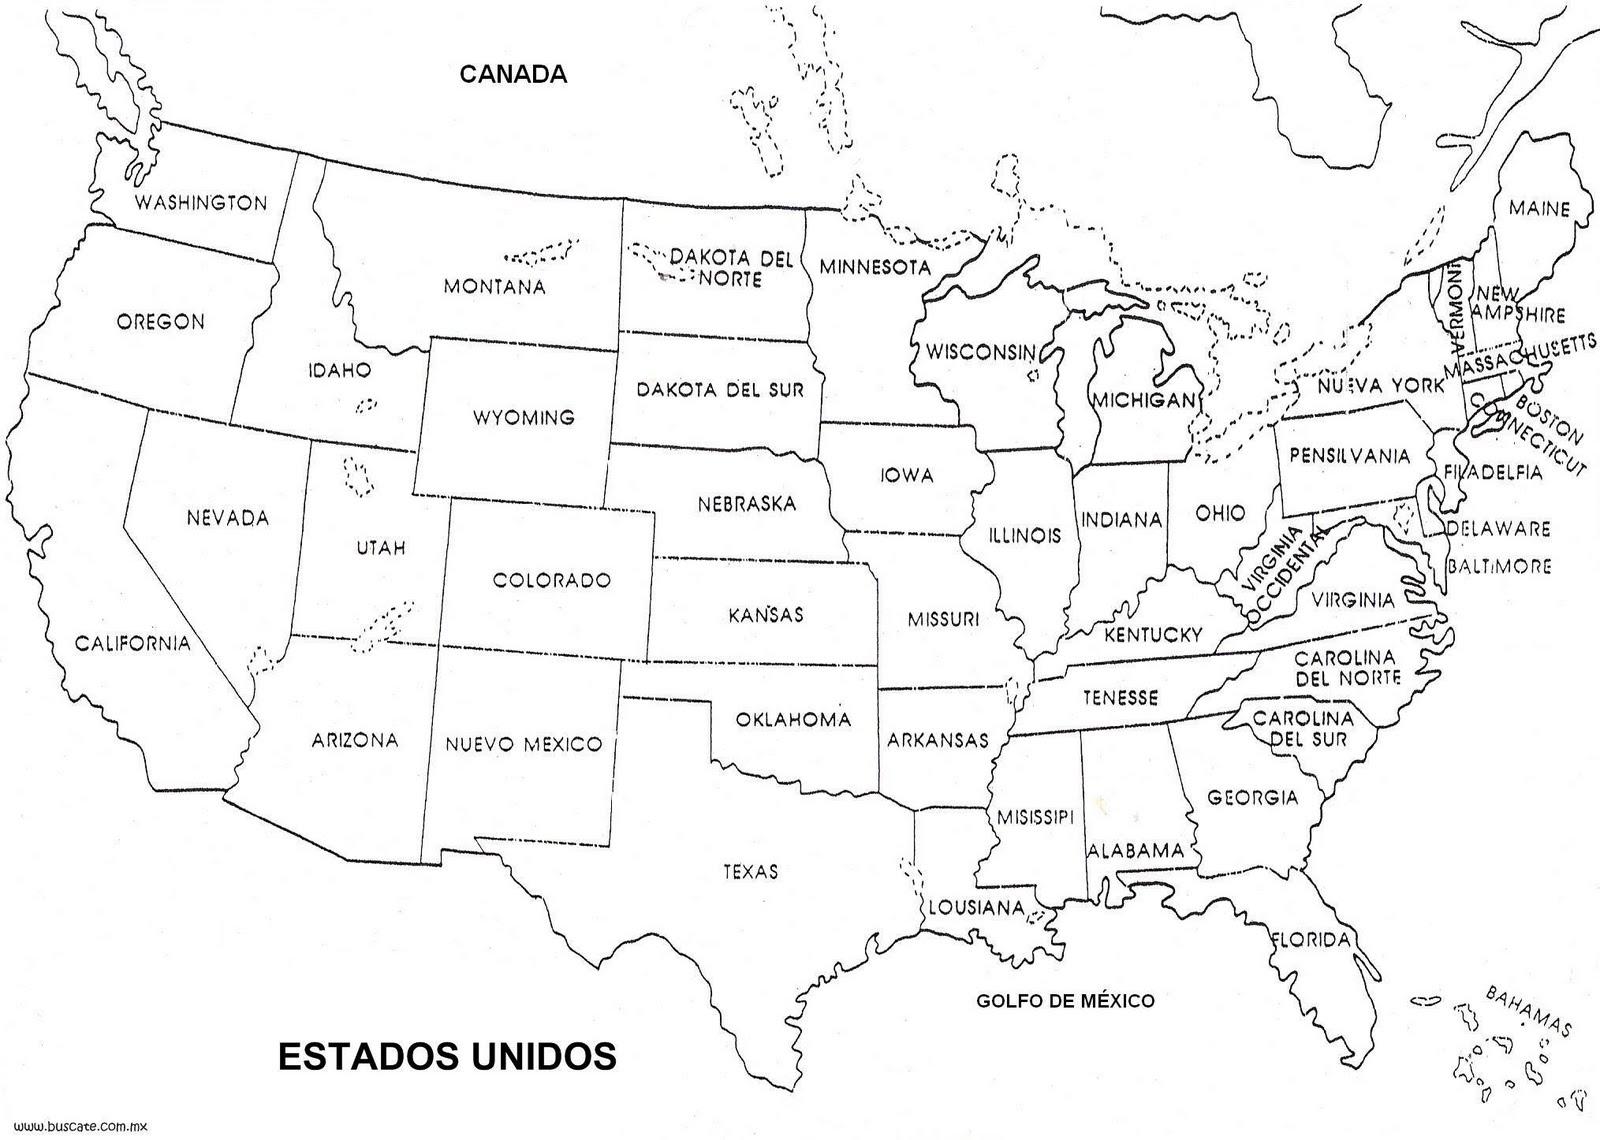 ingles en estados unidos: